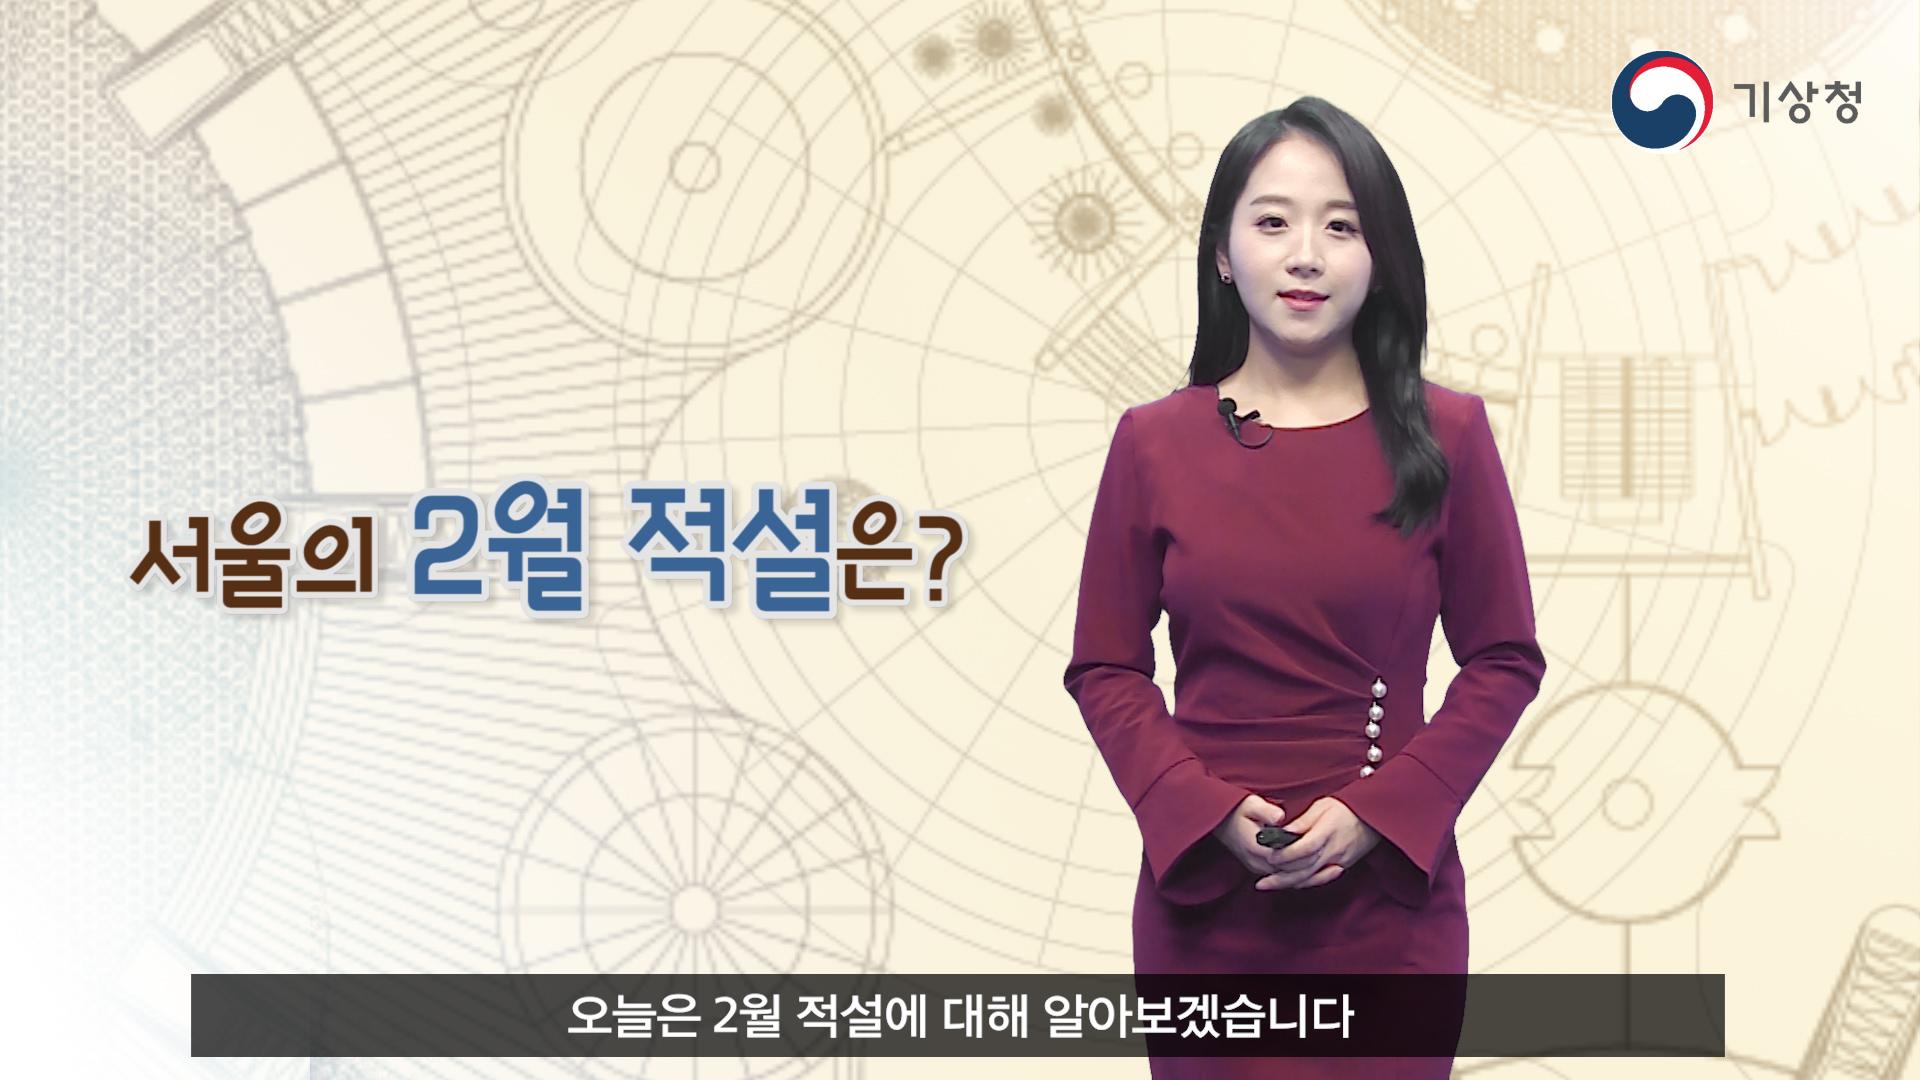 서울의 2월 적설은?